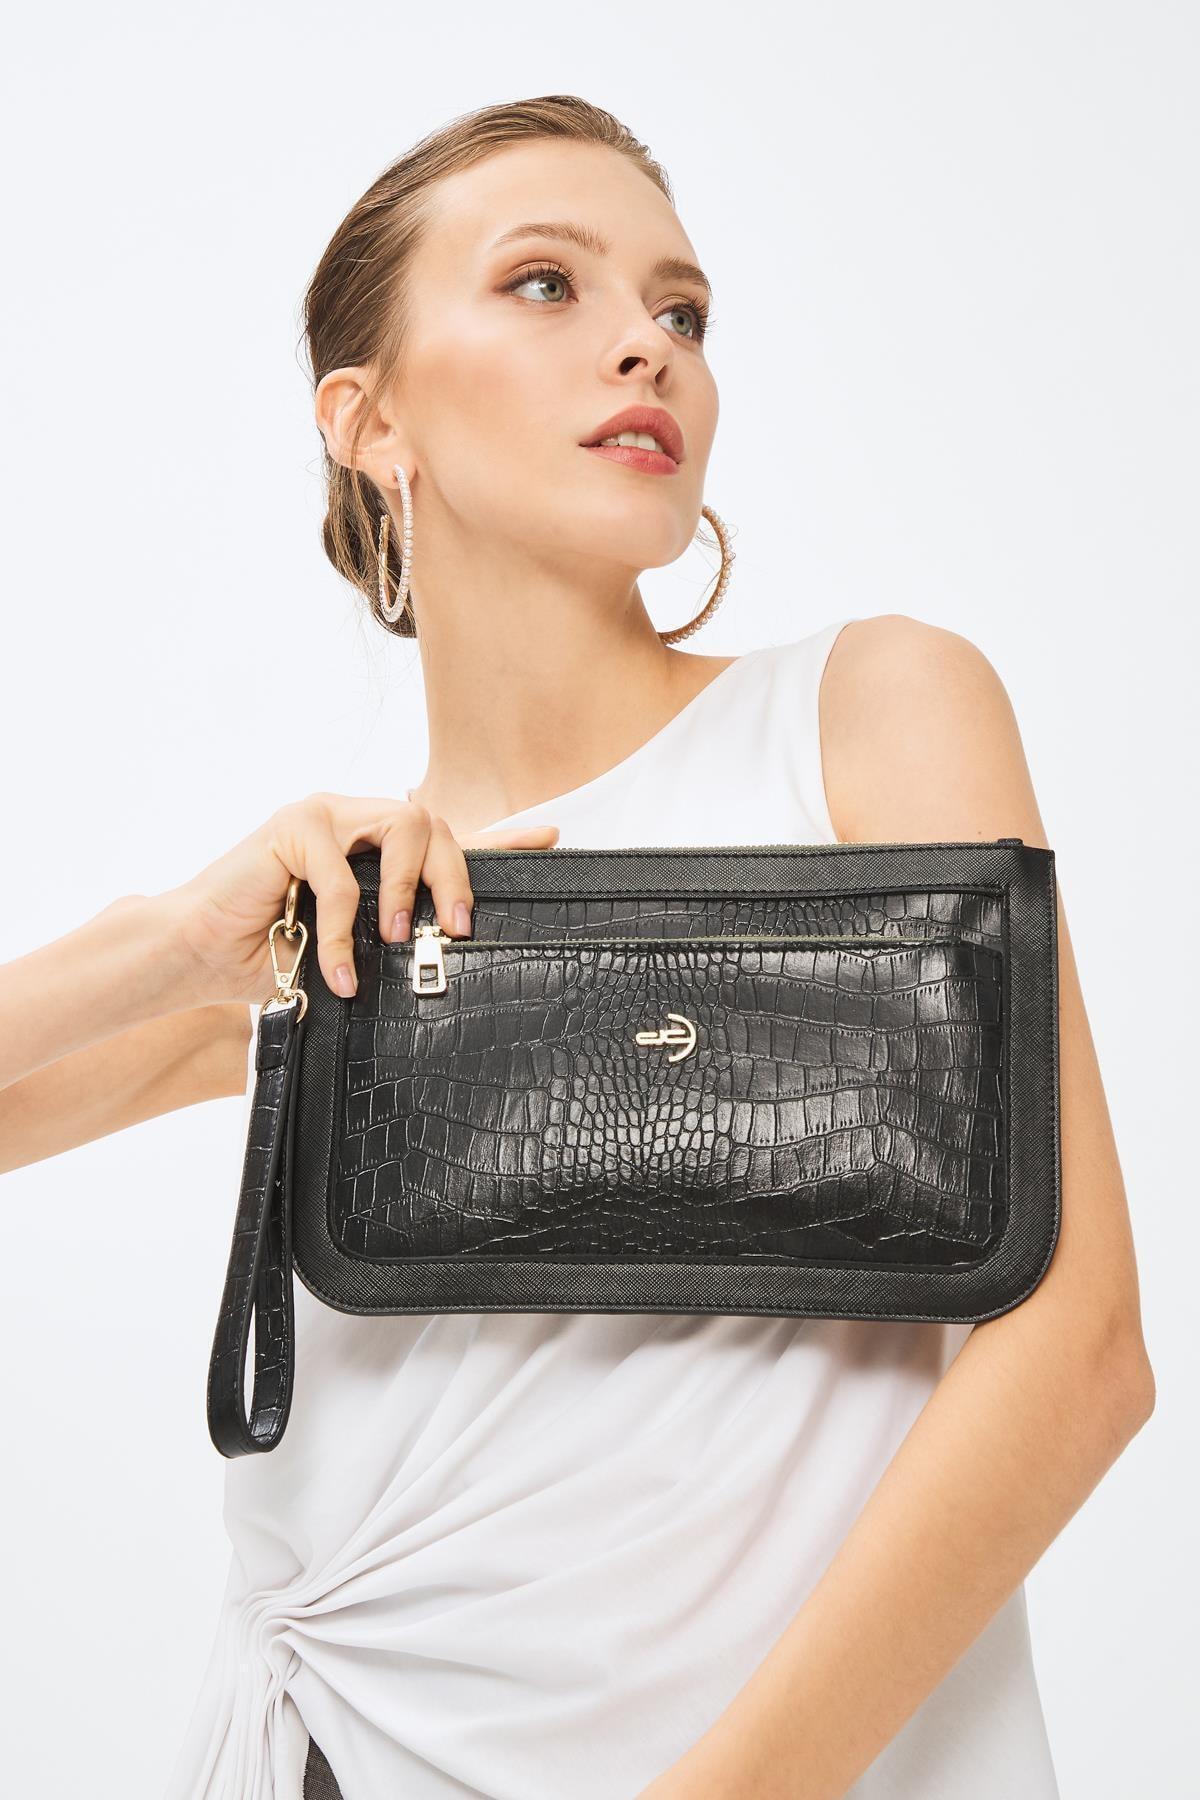 Deri Company Kadın Basic Clutch Çanta Kroko Timsah Desen Siyah Yeşil Fermuar 214003 2